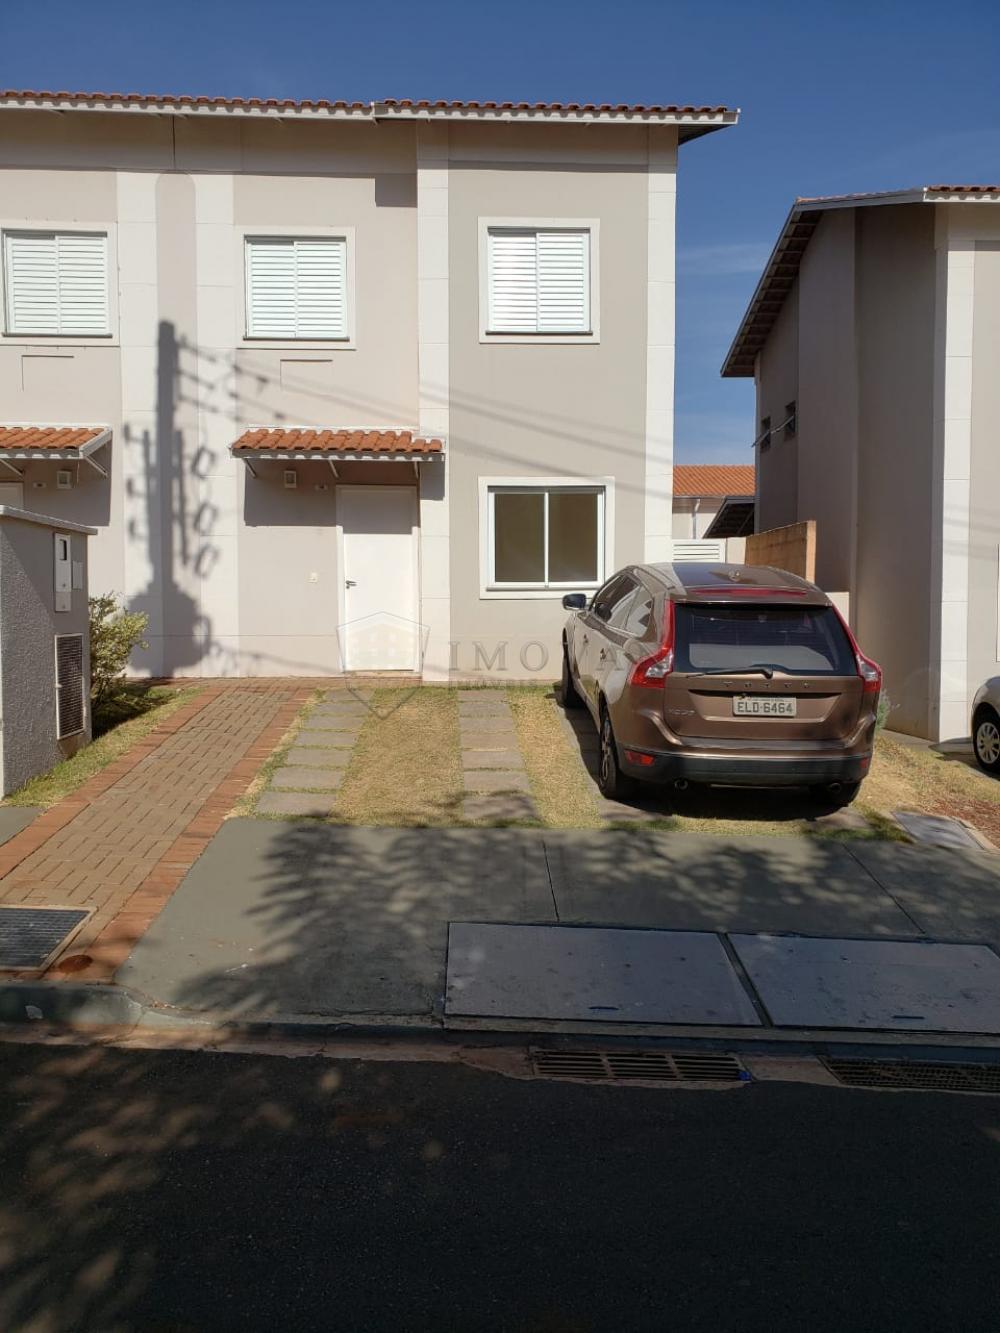 Alugar Apartamento / Padrão em Ribeirão Preto apenas R$ 1.600,00 - Foto 4